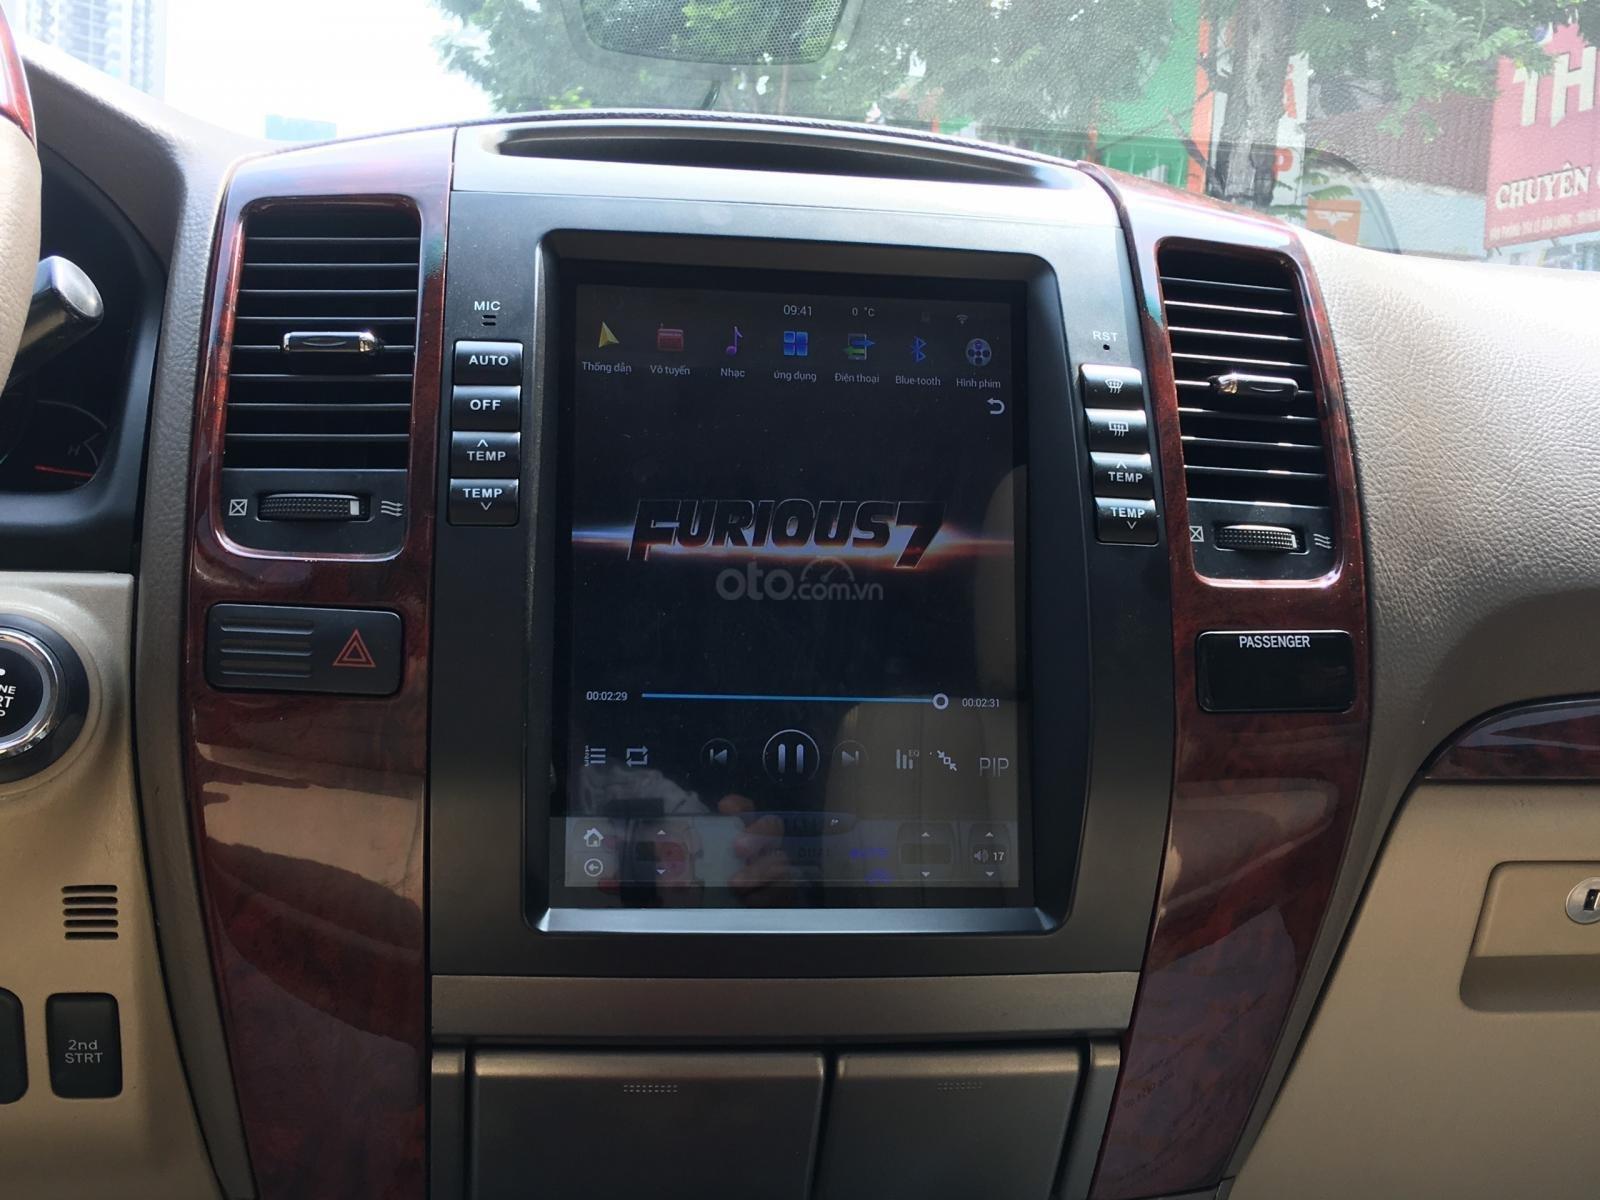 Bán xe Lexus GX 470 4.7 SX 2009, ĐKLĐ 2015, nhập khẩu (14)